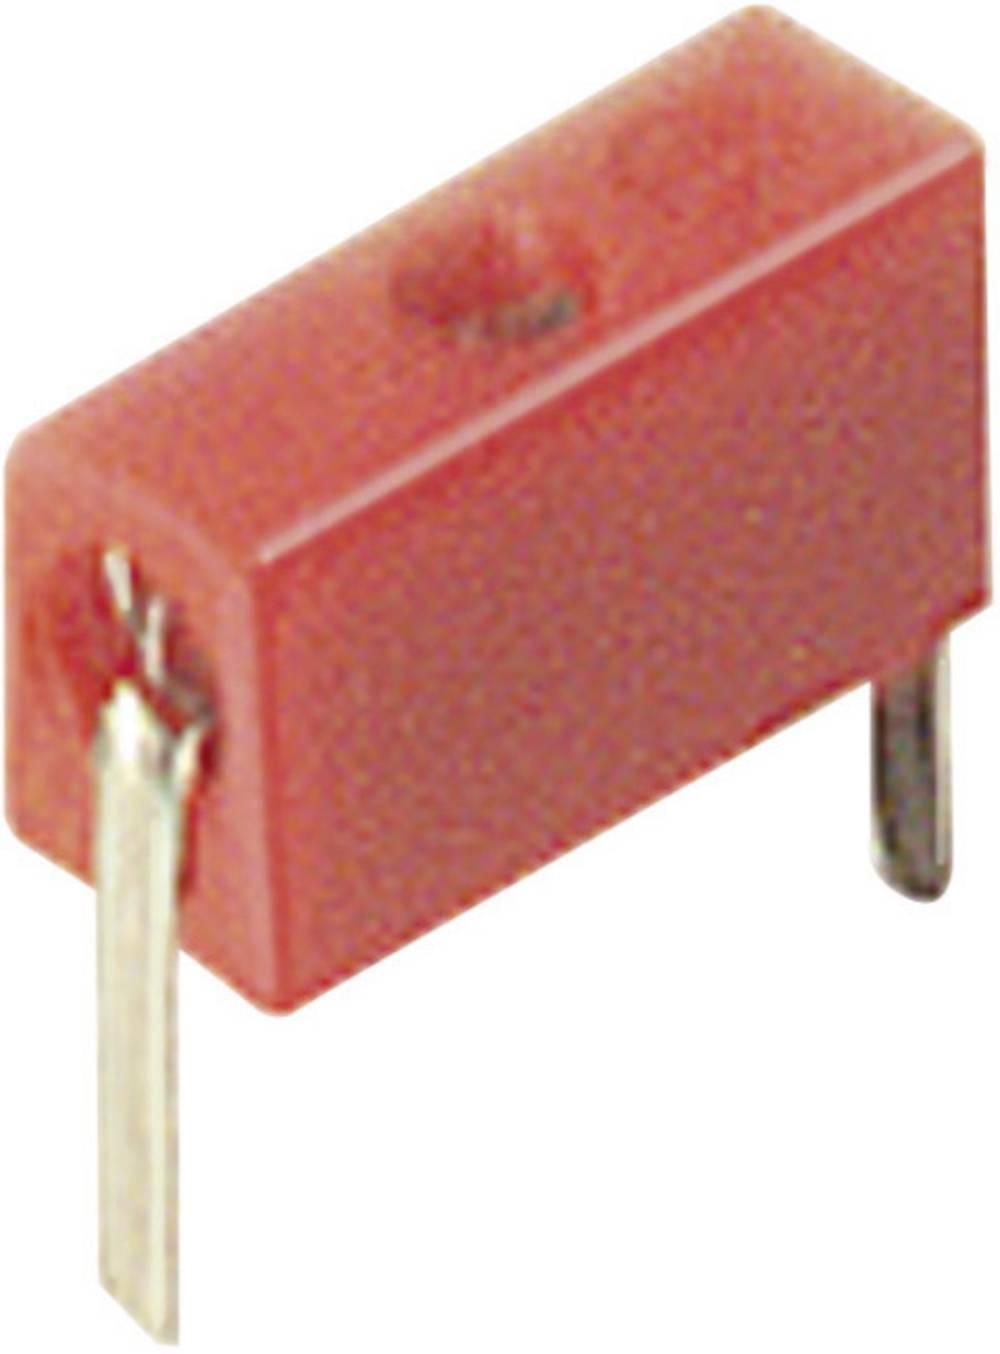 Kontroltilslutning Tilslutning, lige SKS Hirschmann MPB 1 2 mm Sort 1 stk